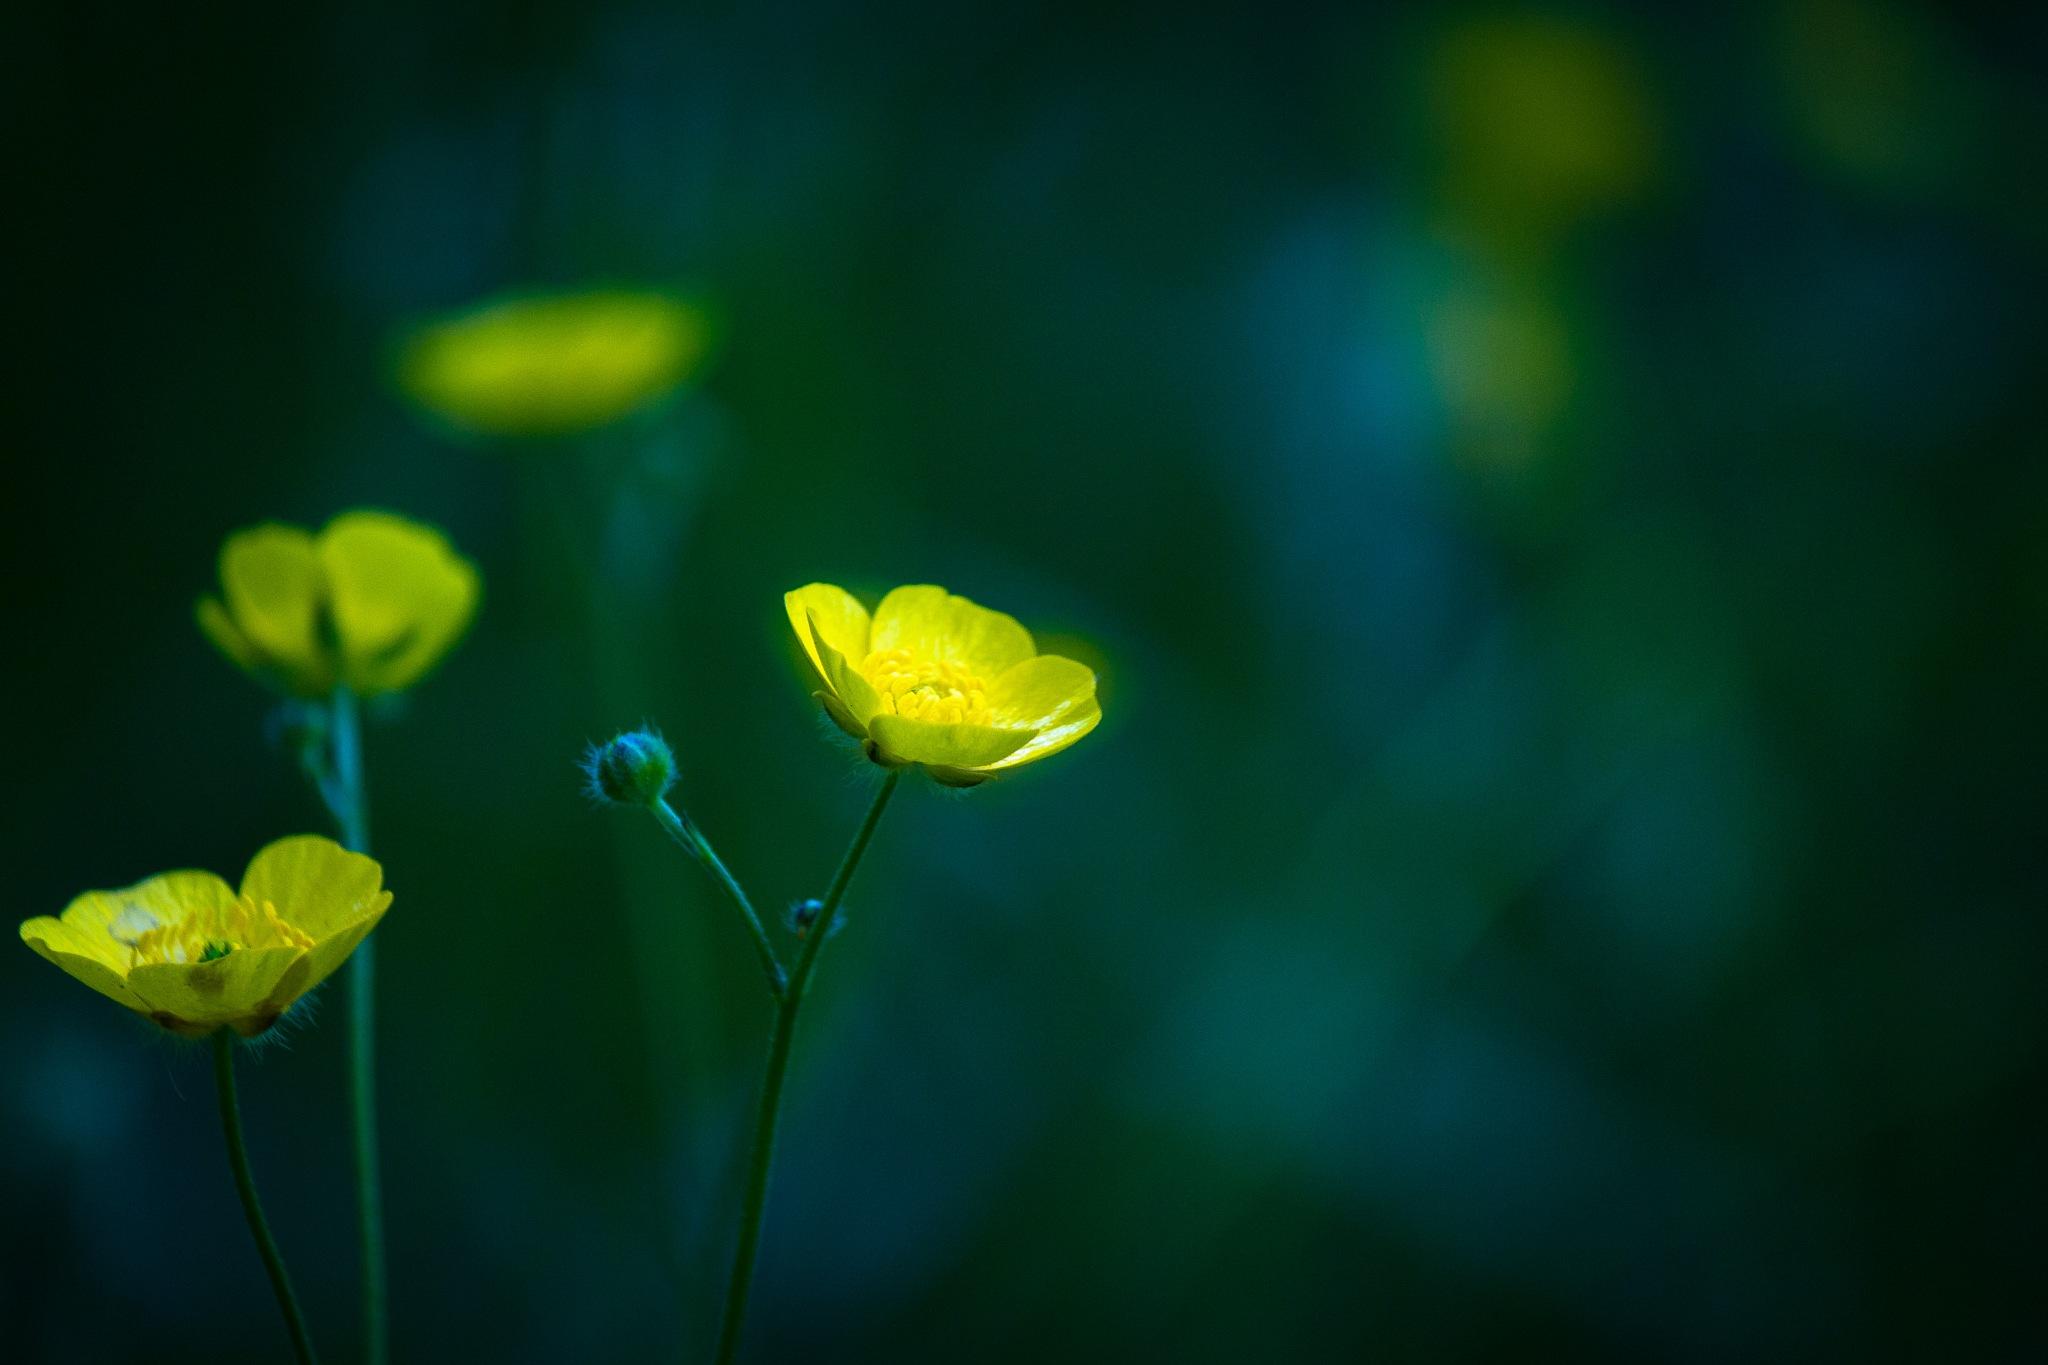 Flowers by Mirza Buljusmic